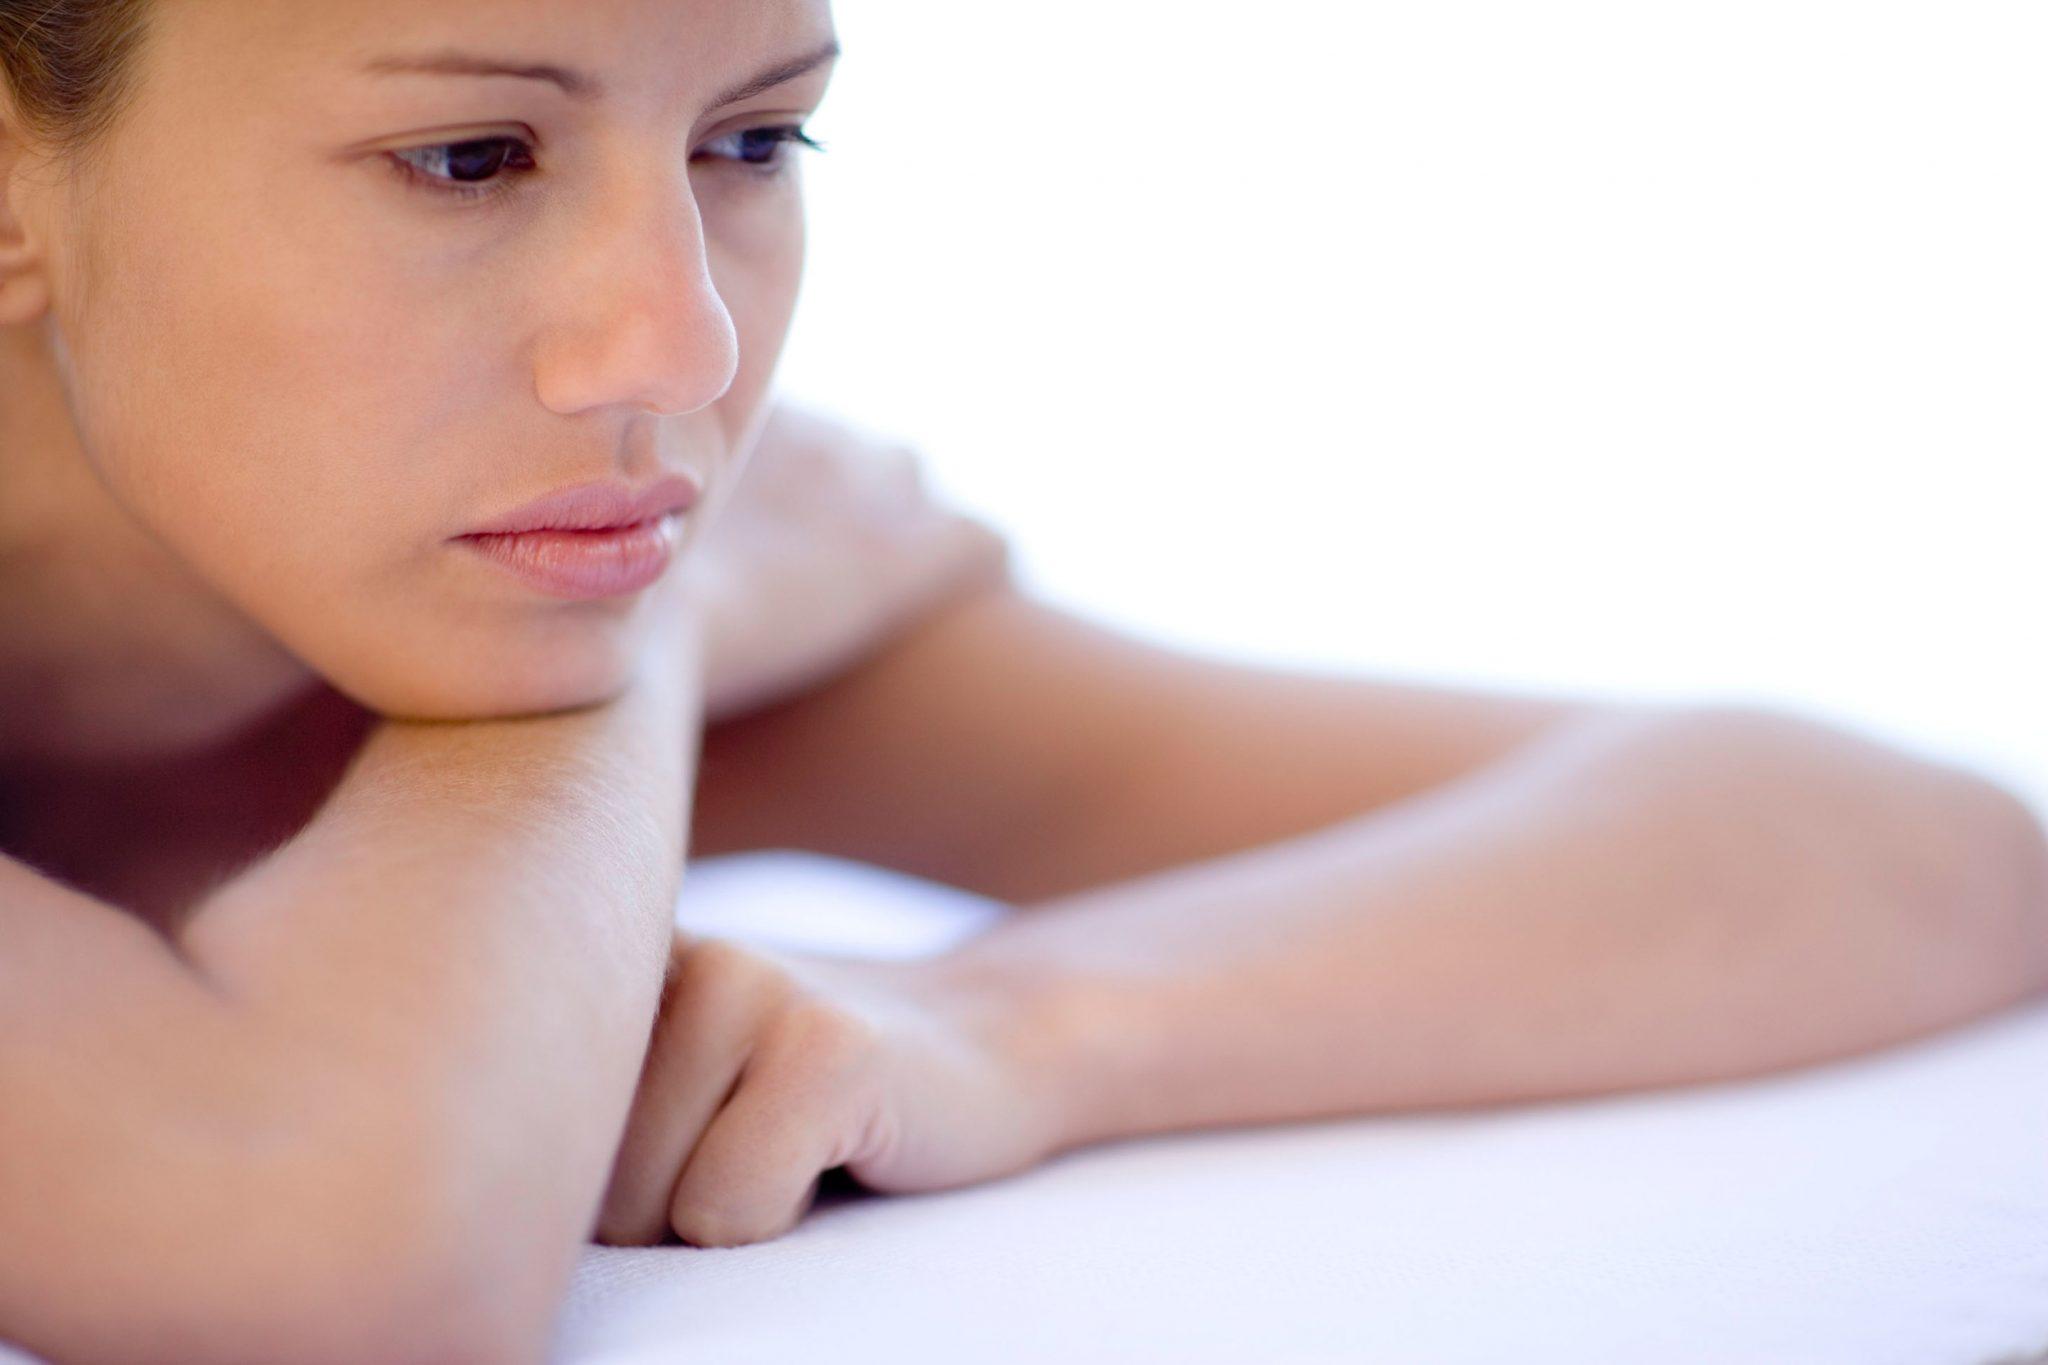 Chỉnh hình âm vật có ảnh hưởng đến khả năng mang thai không